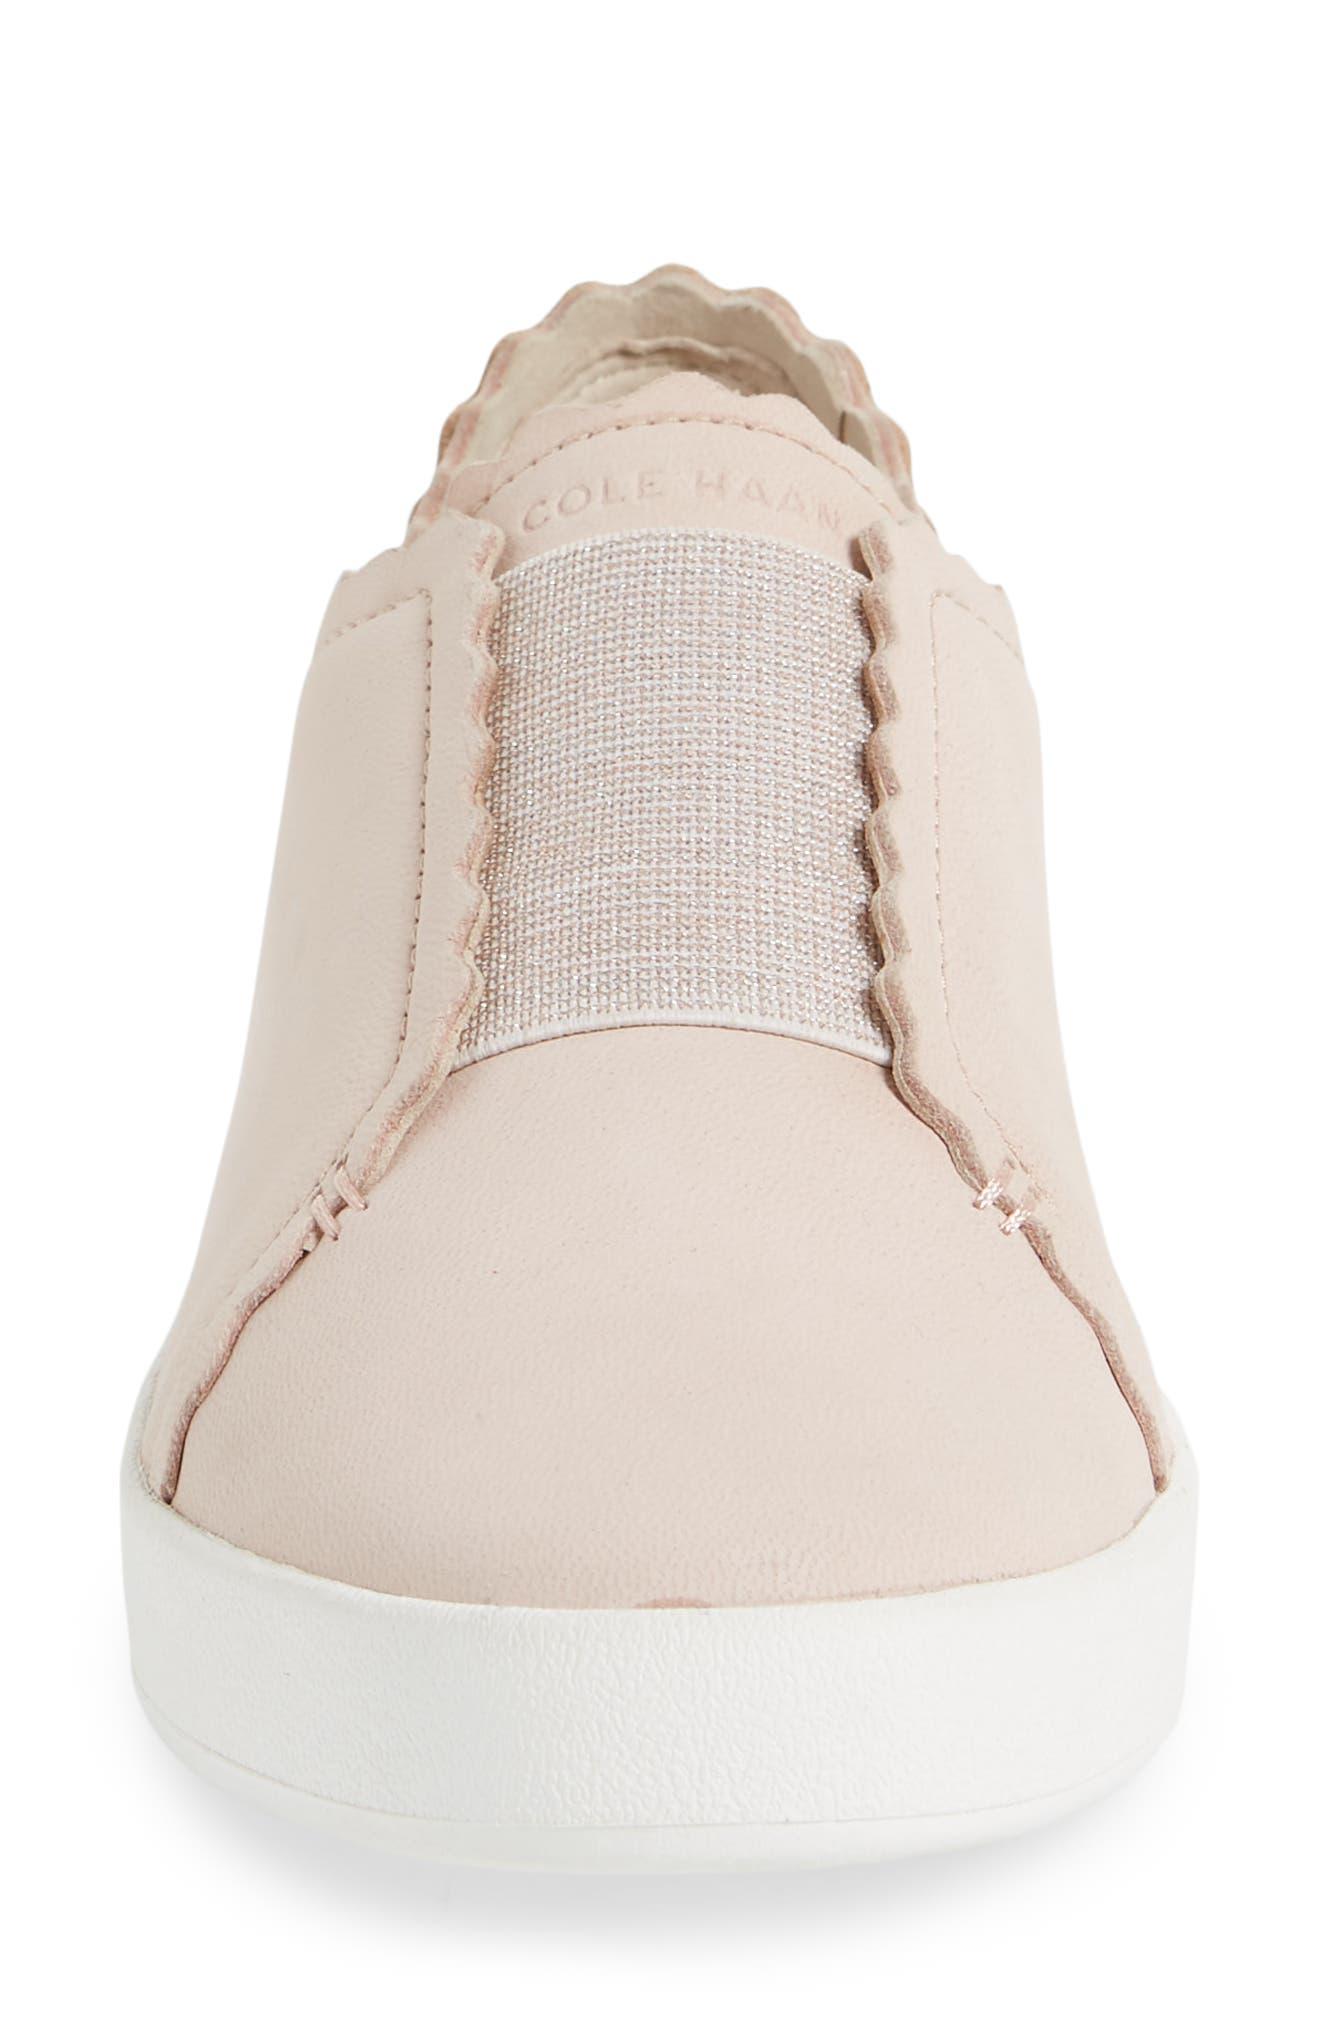 GrandPro Spectator Scalloped Slip-On Sneaker,                             Alternate thumbnail 4, color,                             651